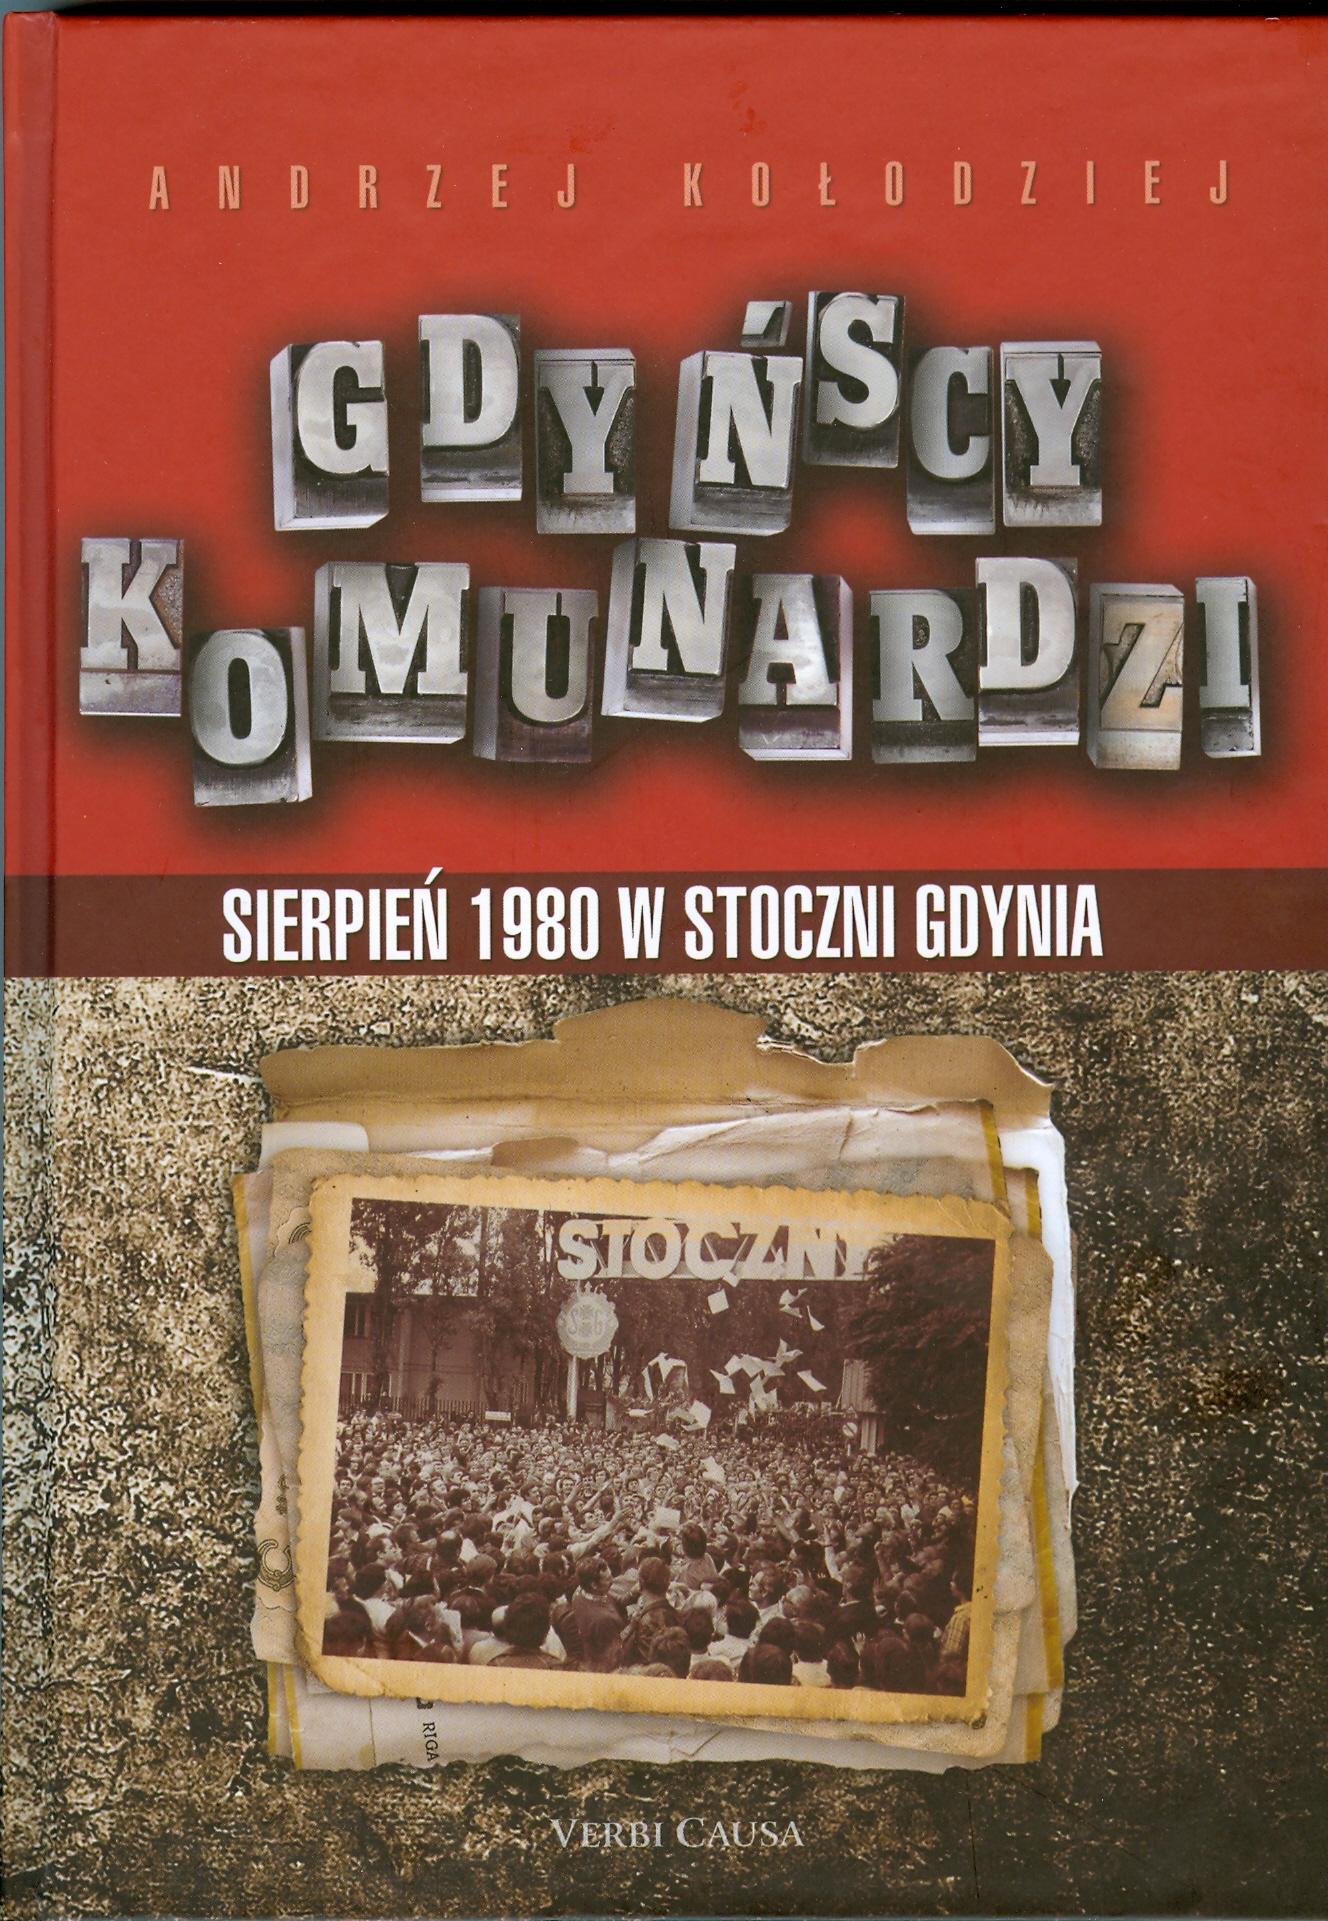 Gdyńscy komunardzi: sierpień 1980 roku w stoczni Gdynia